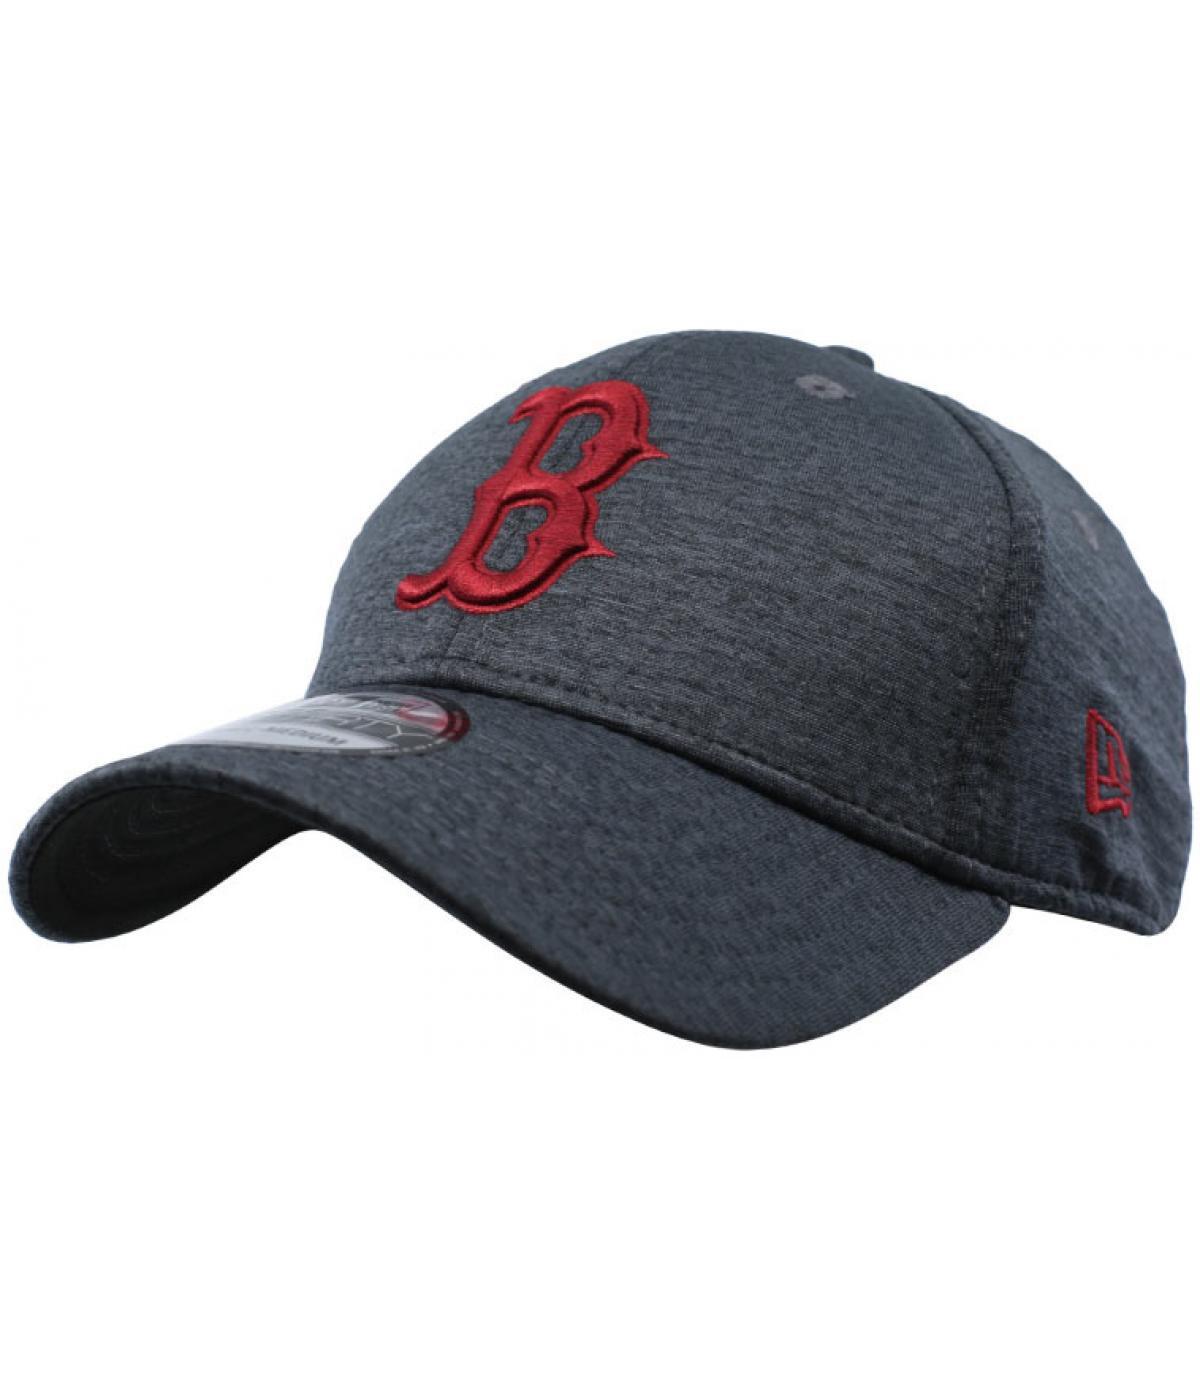 berretto B bordeaux nero